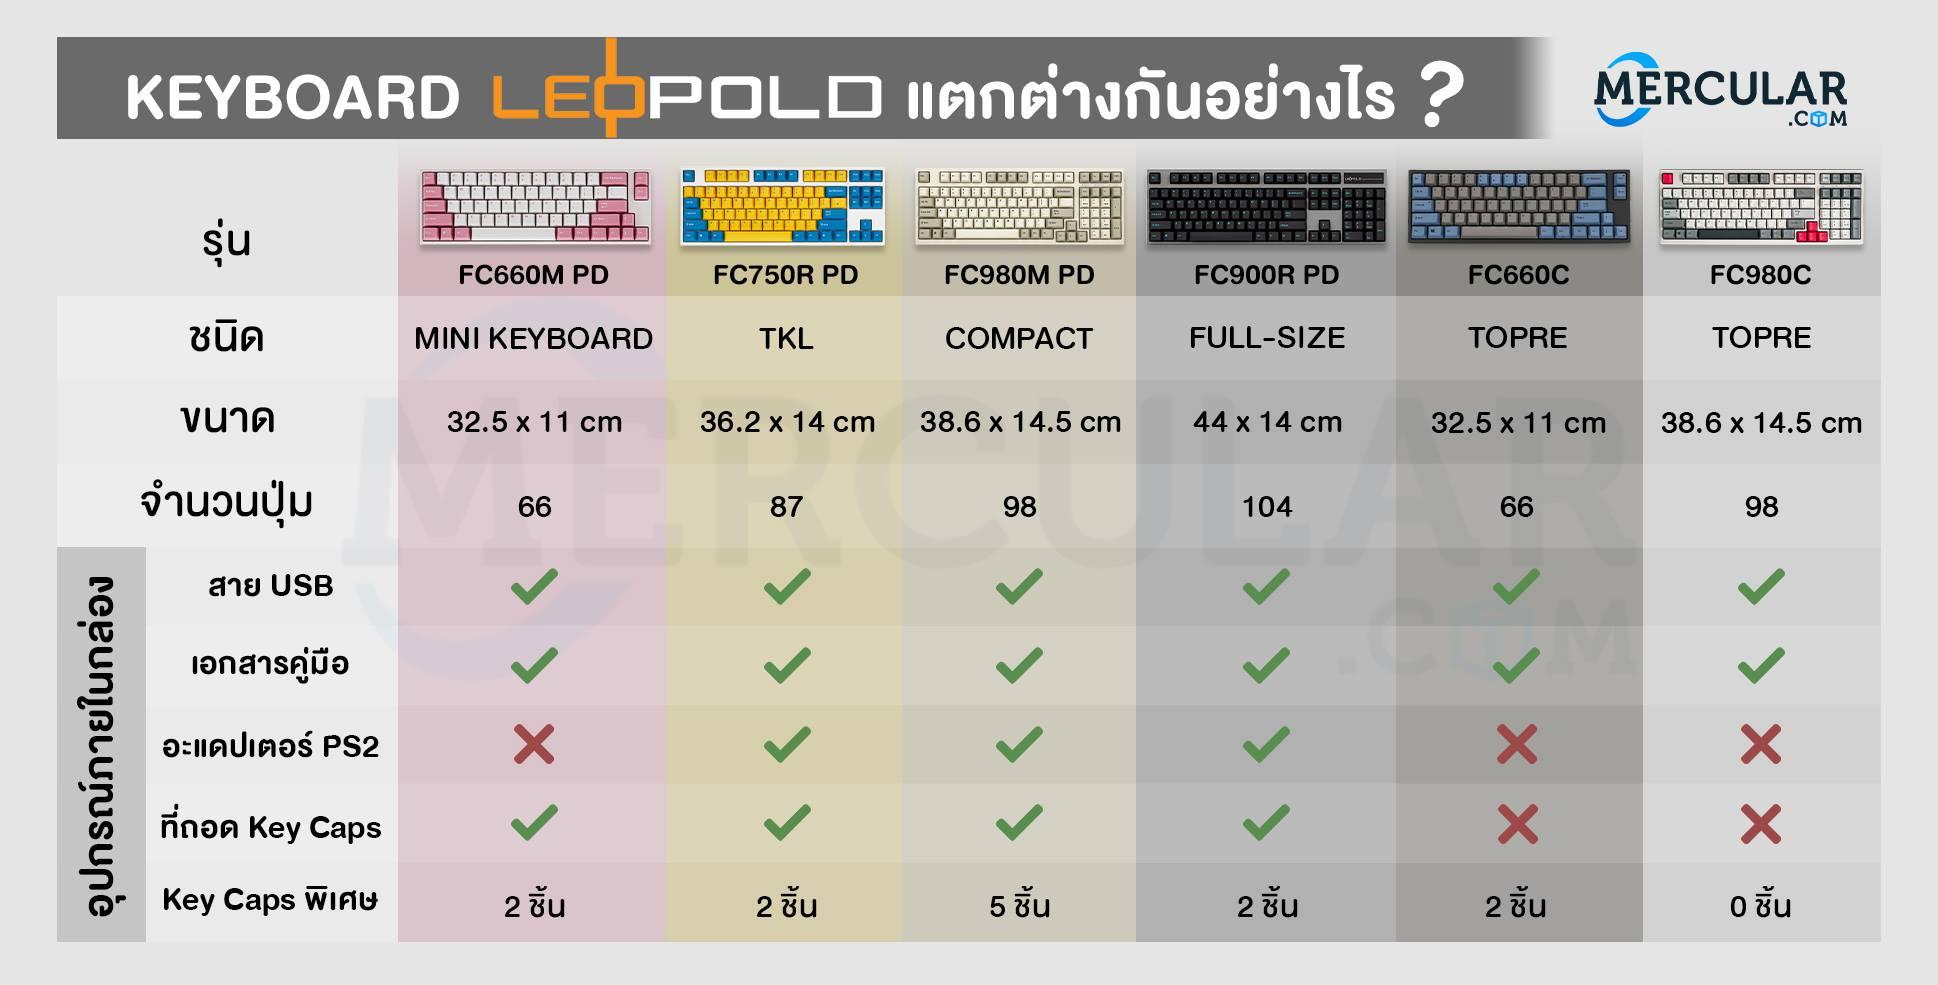 ตารางเทียบ Keyboard Leopold